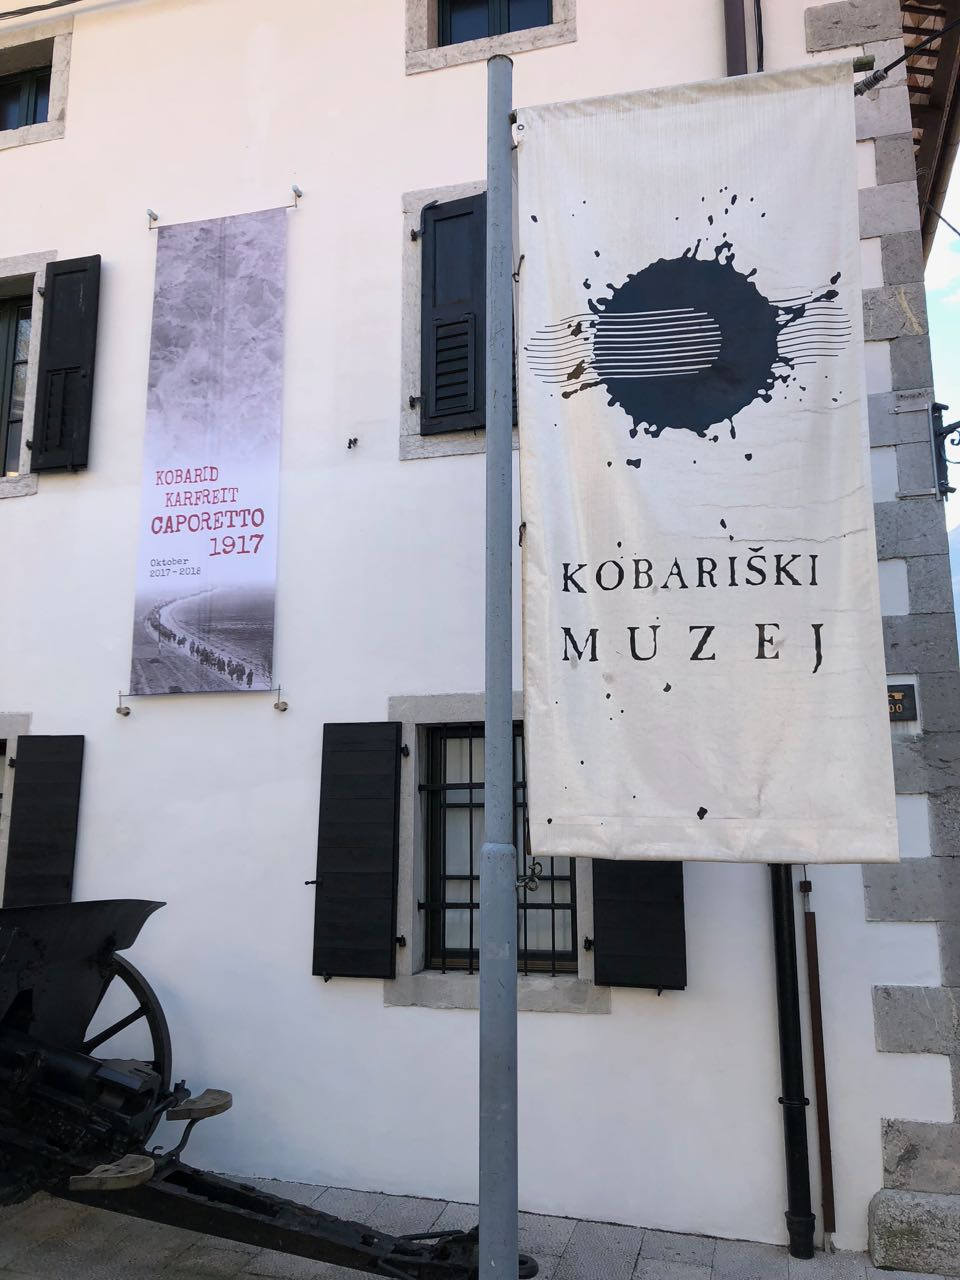 Caporetto Redipuglia Vittorio Veneto Prima Guerra Giorgio Bertozzi - 19